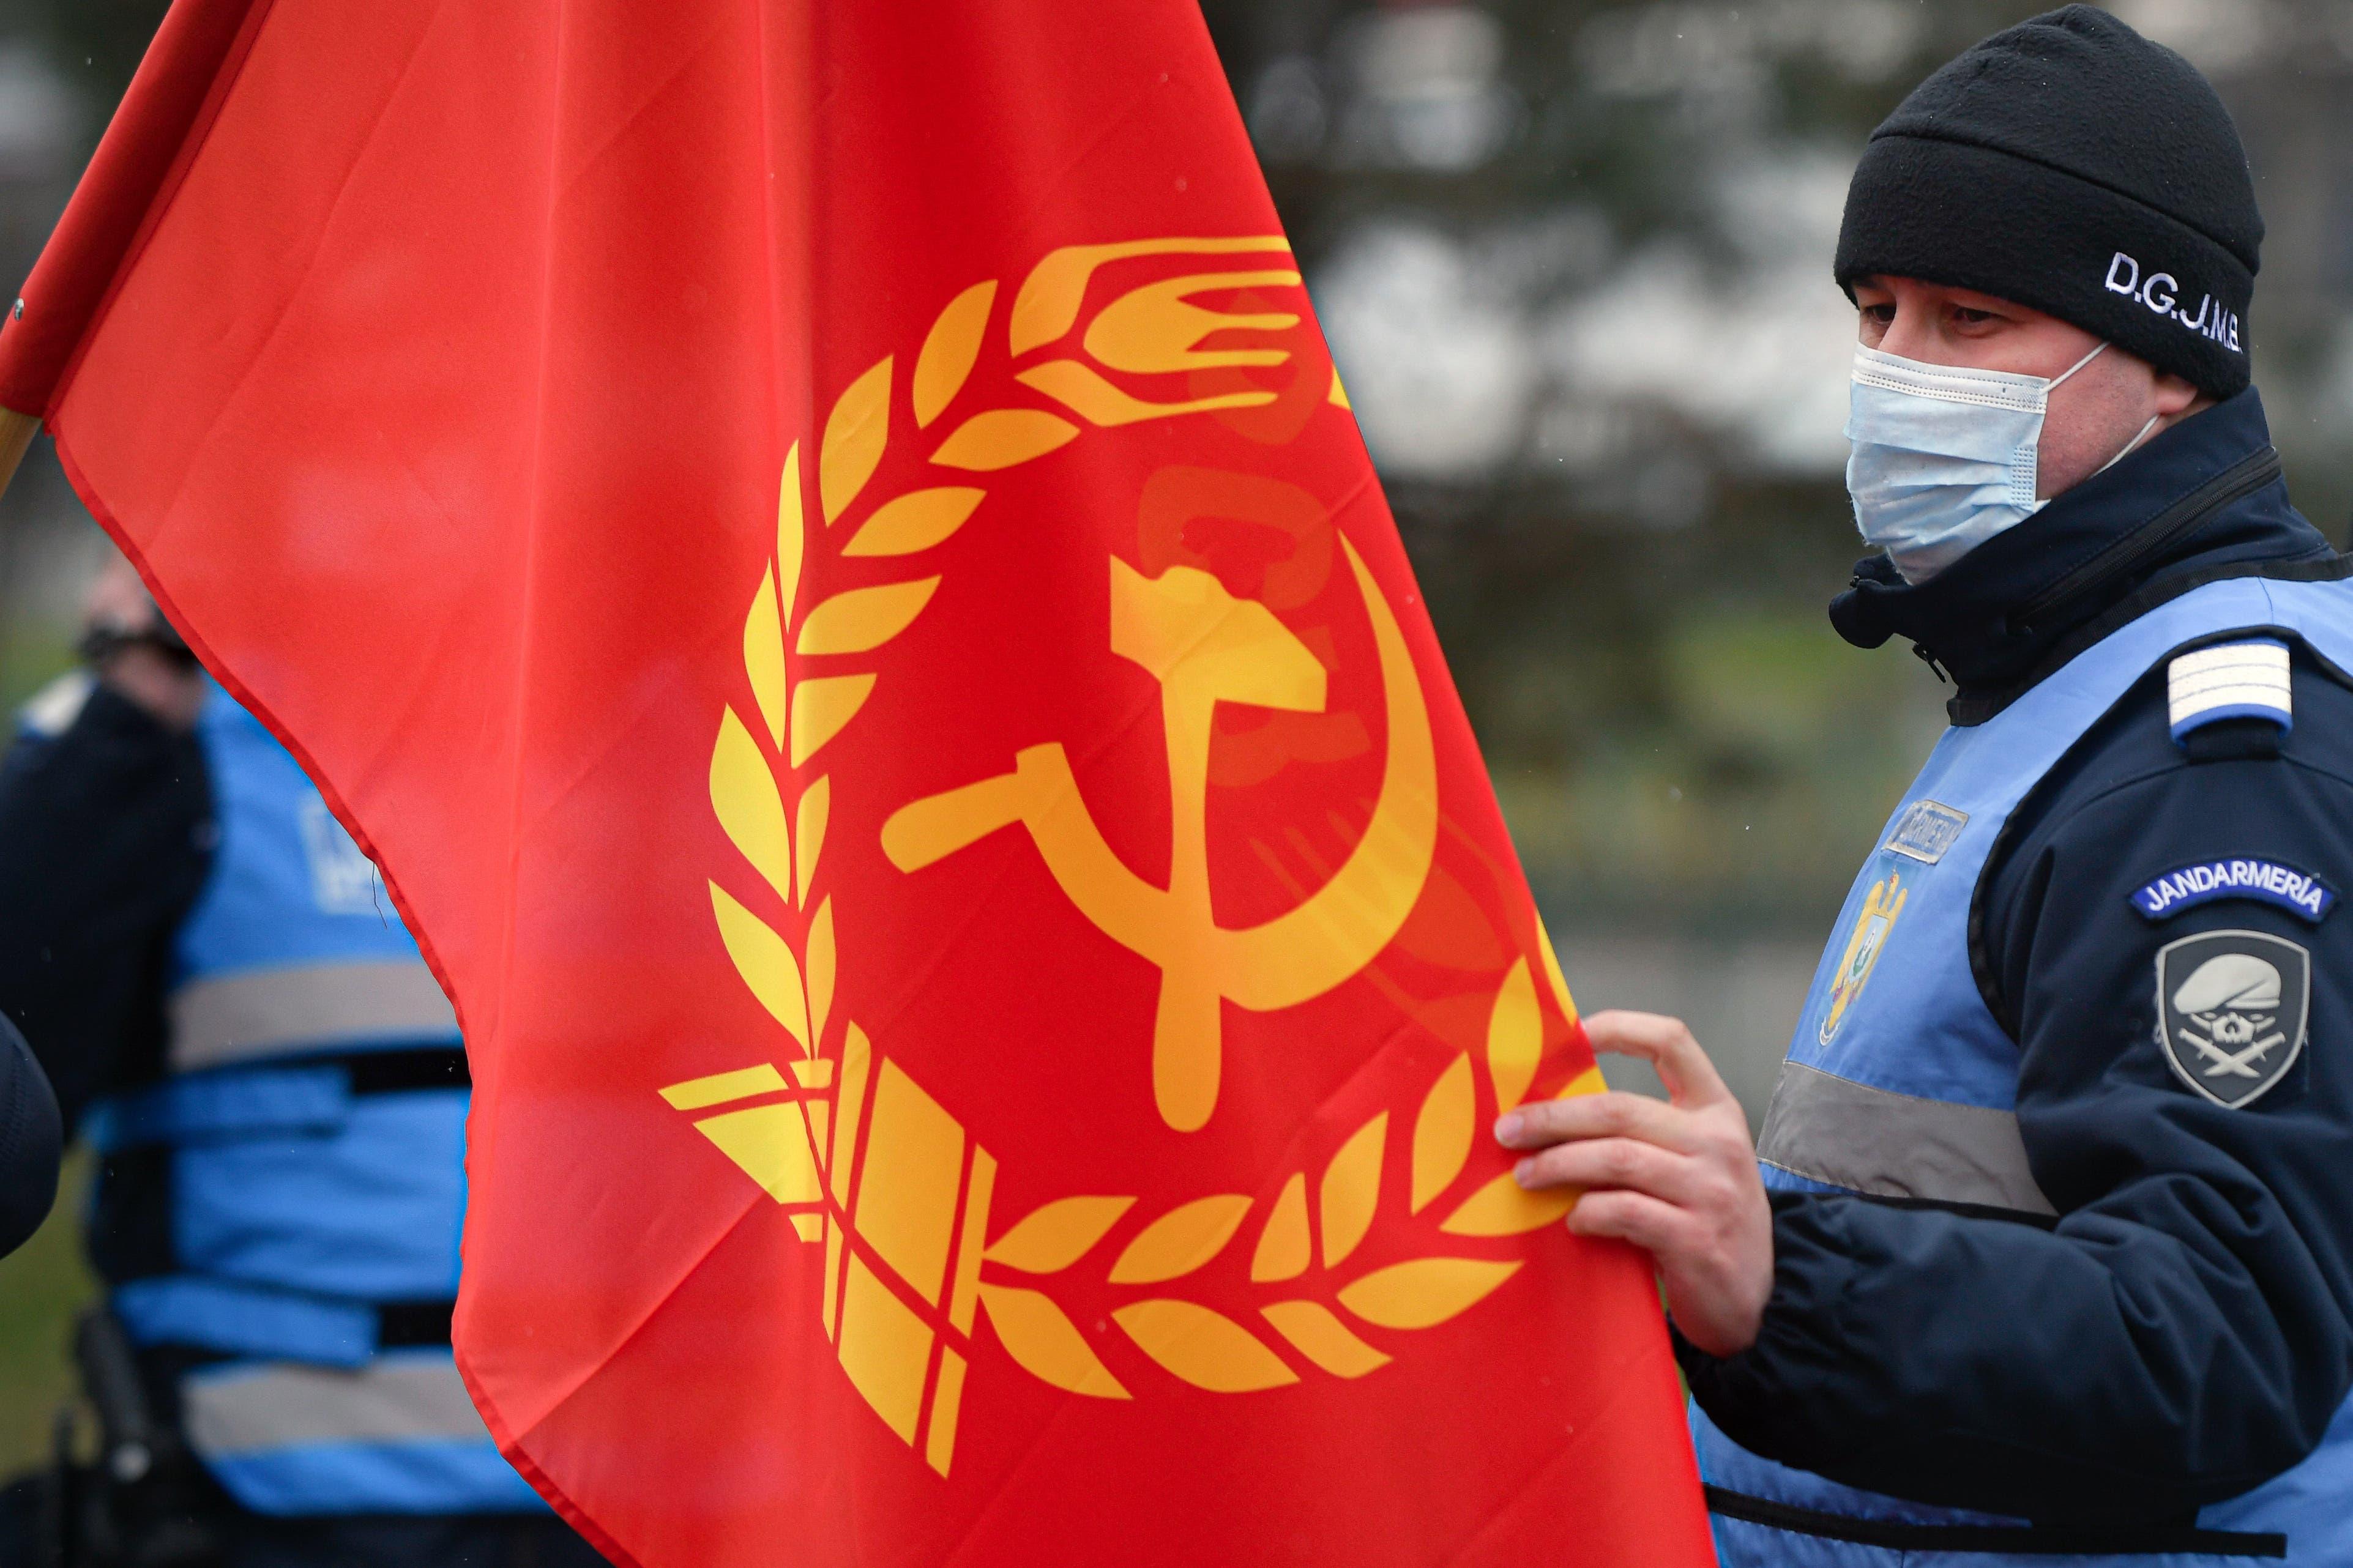 Bei Protesten sieht man in Rumänien auch heute noch die Flagge der Kommunisten.